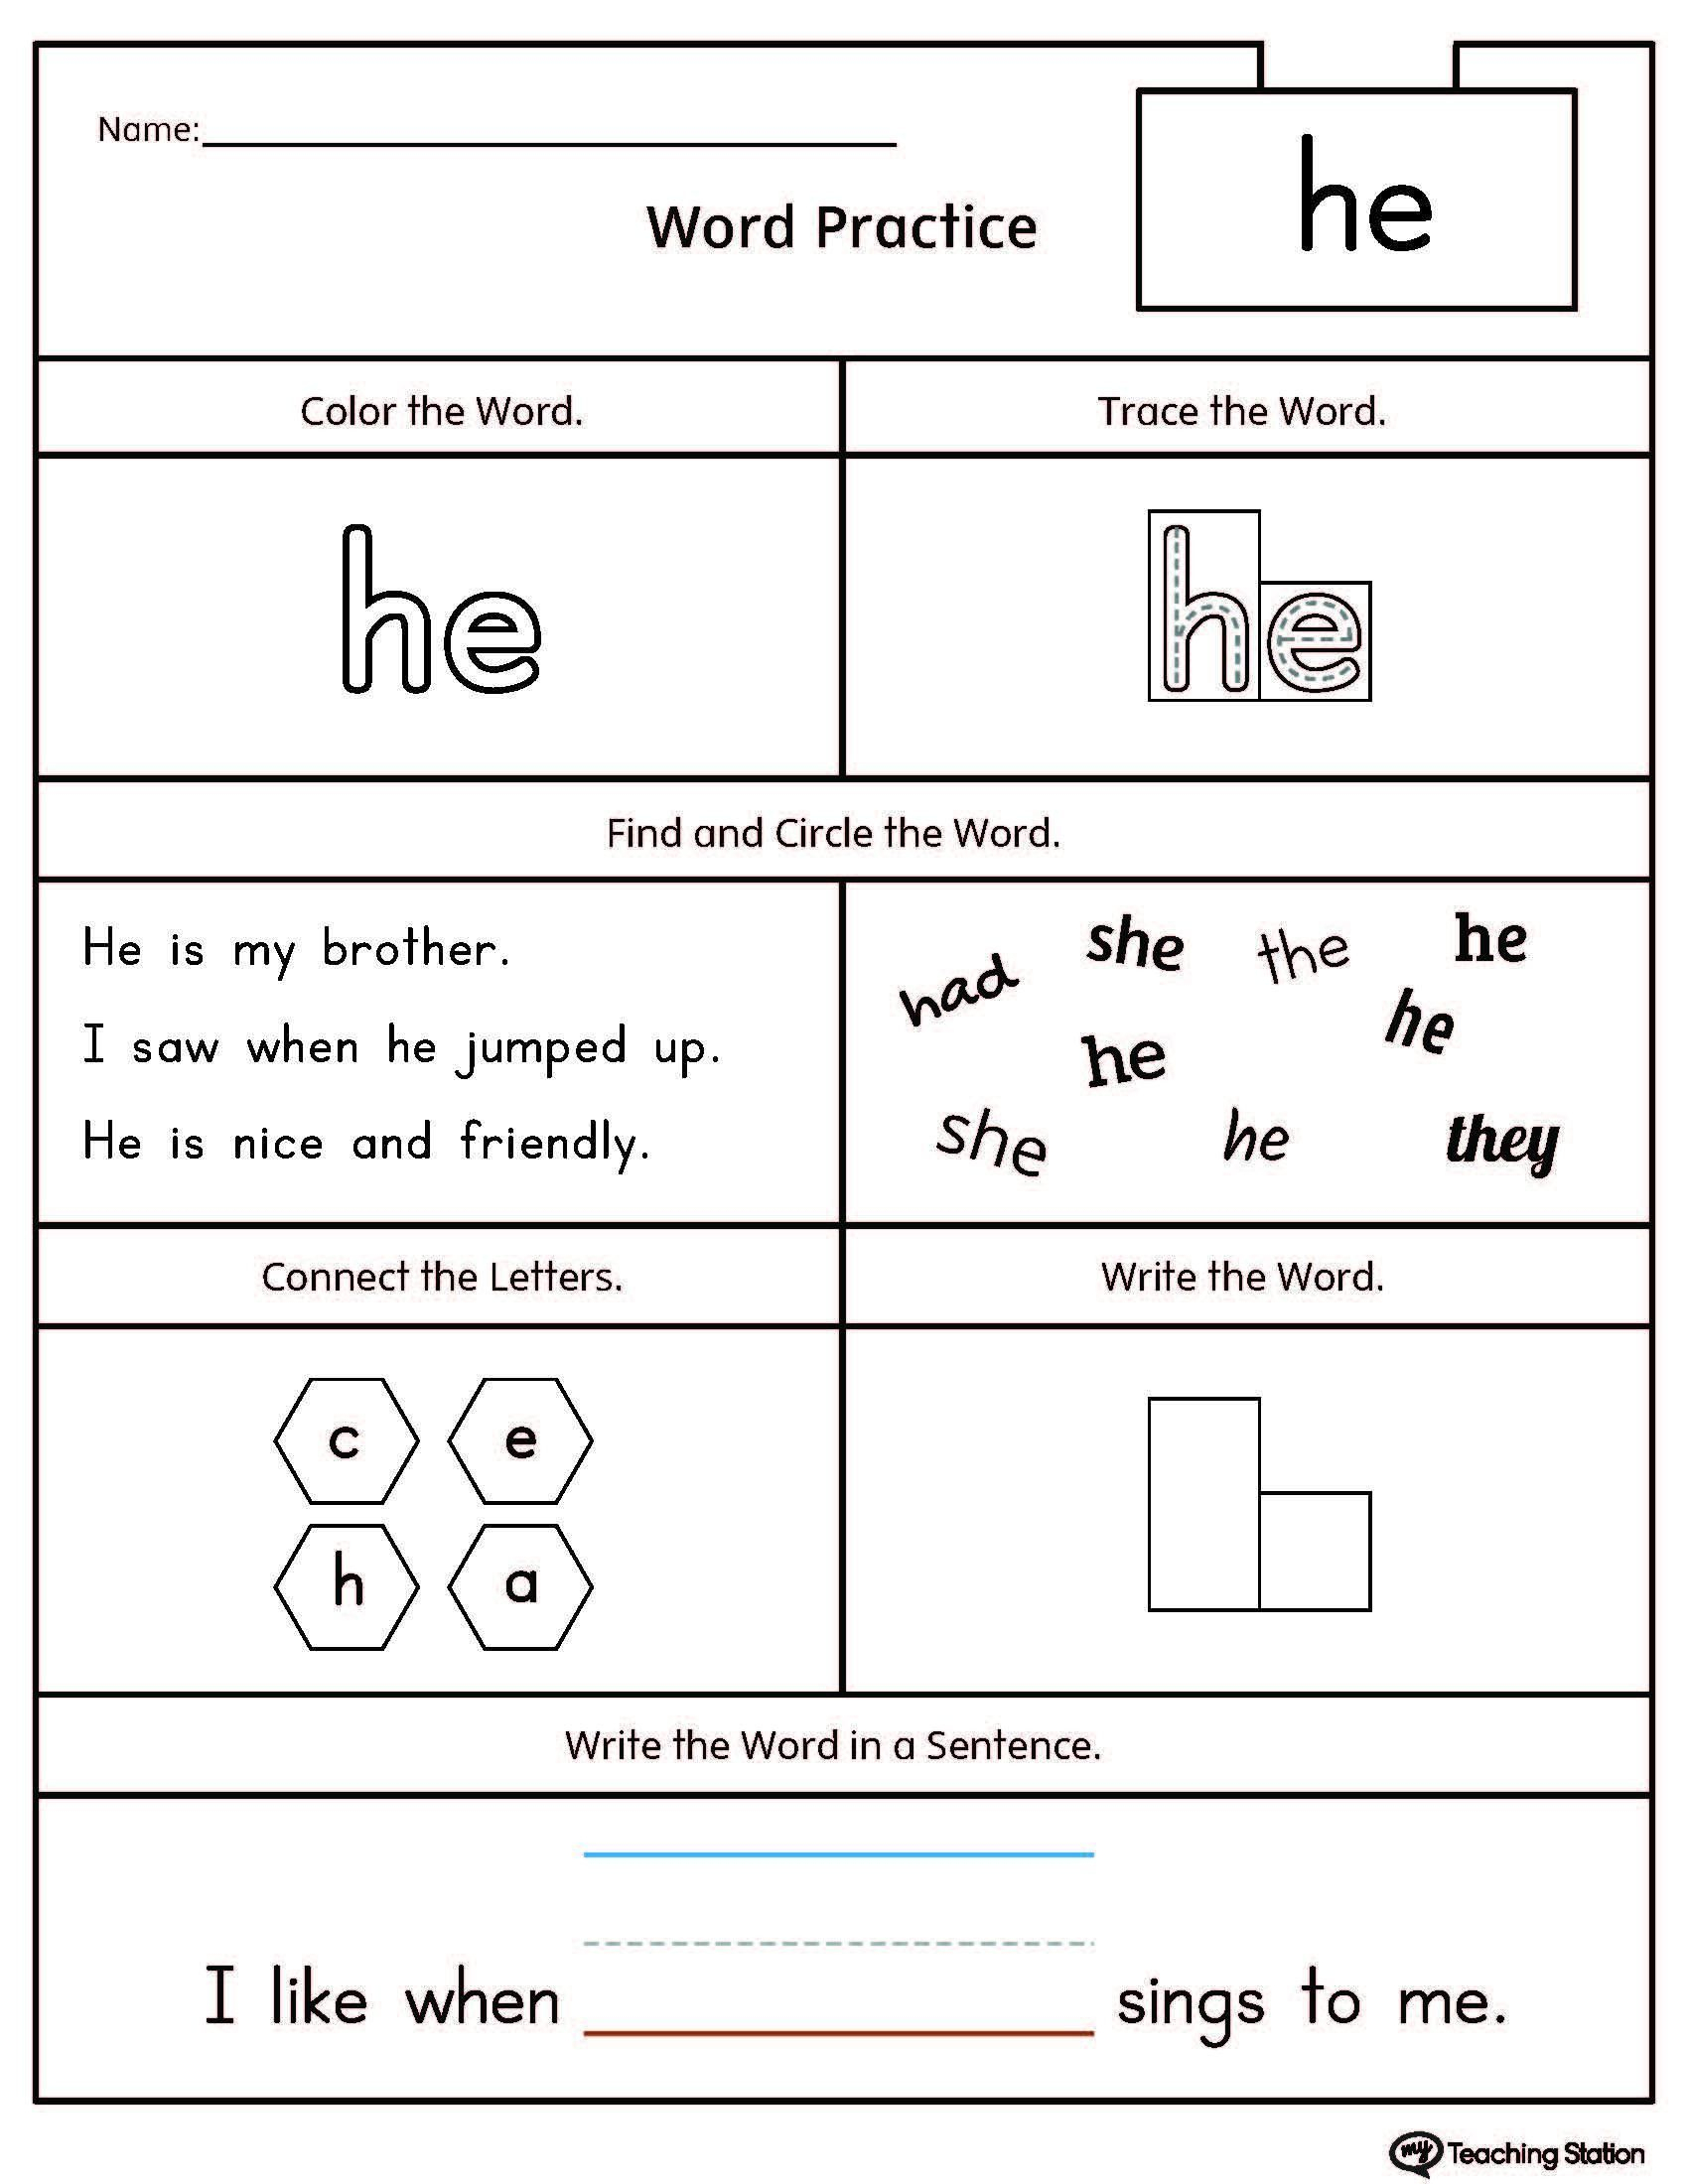 Words Worksheets Sight-Words-Worksheet-For-Kindergarten-Pdf Sight | Free Printable Worksheets For Kindergarten Pdf